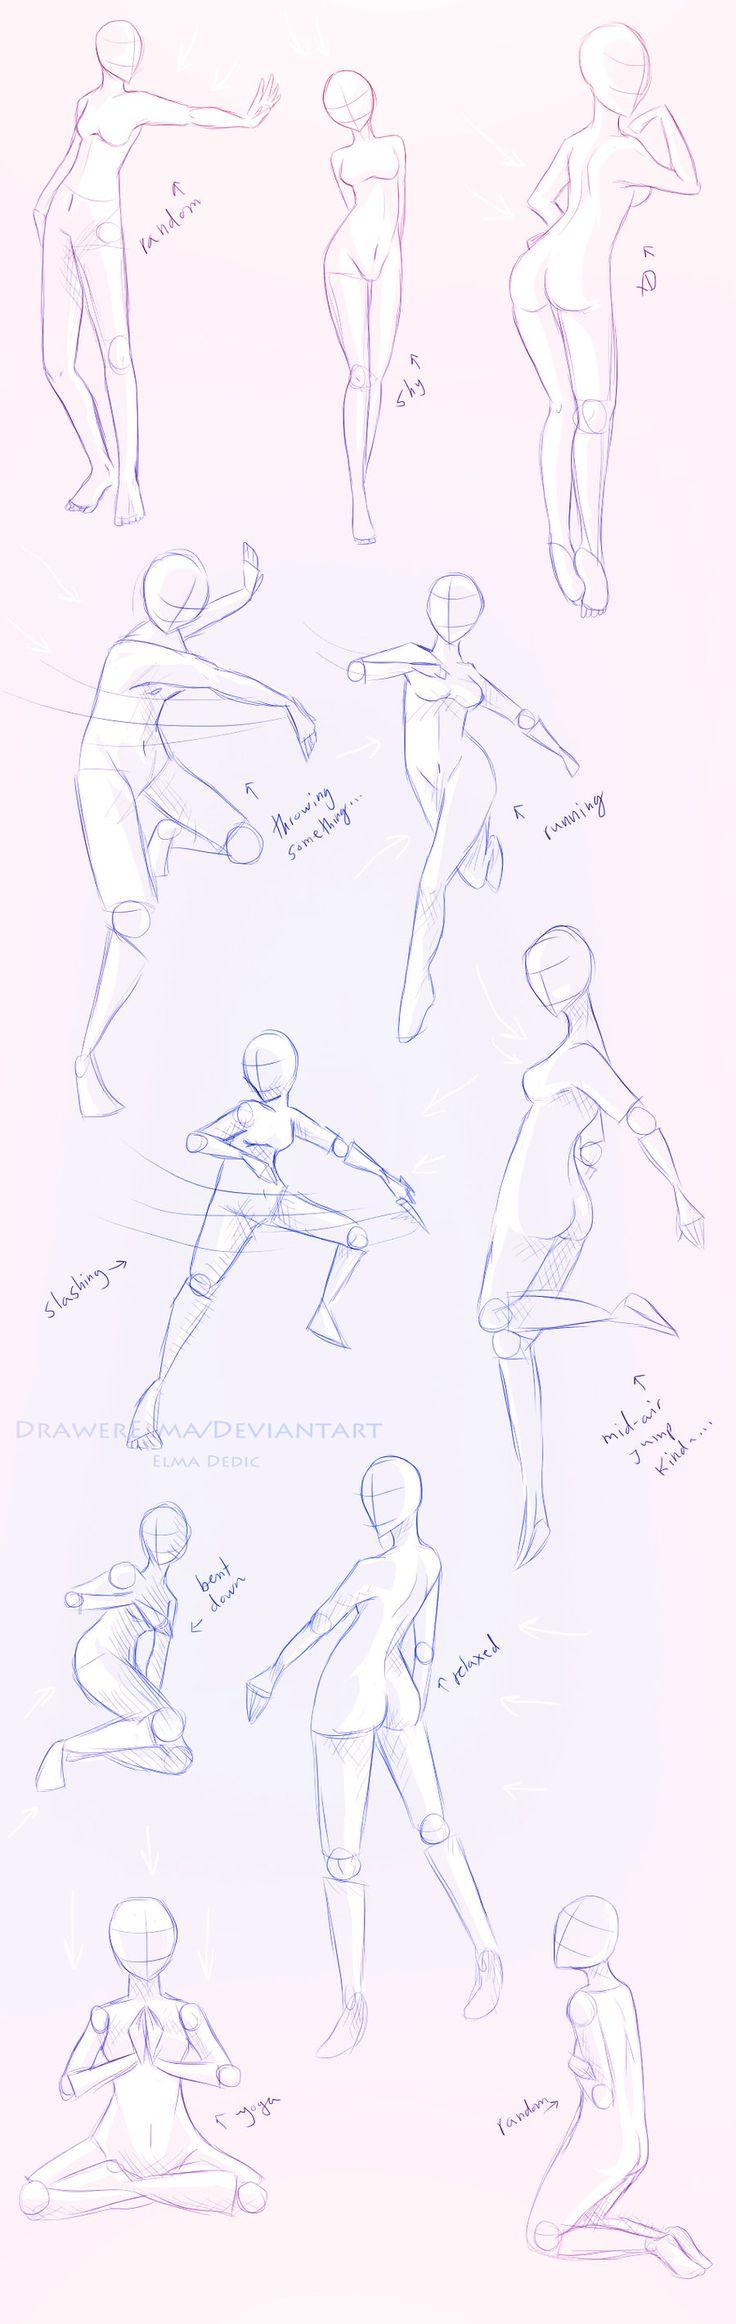 female_body_study_3_by_drawerelma-d5cyhdm.jpg (900×2842)